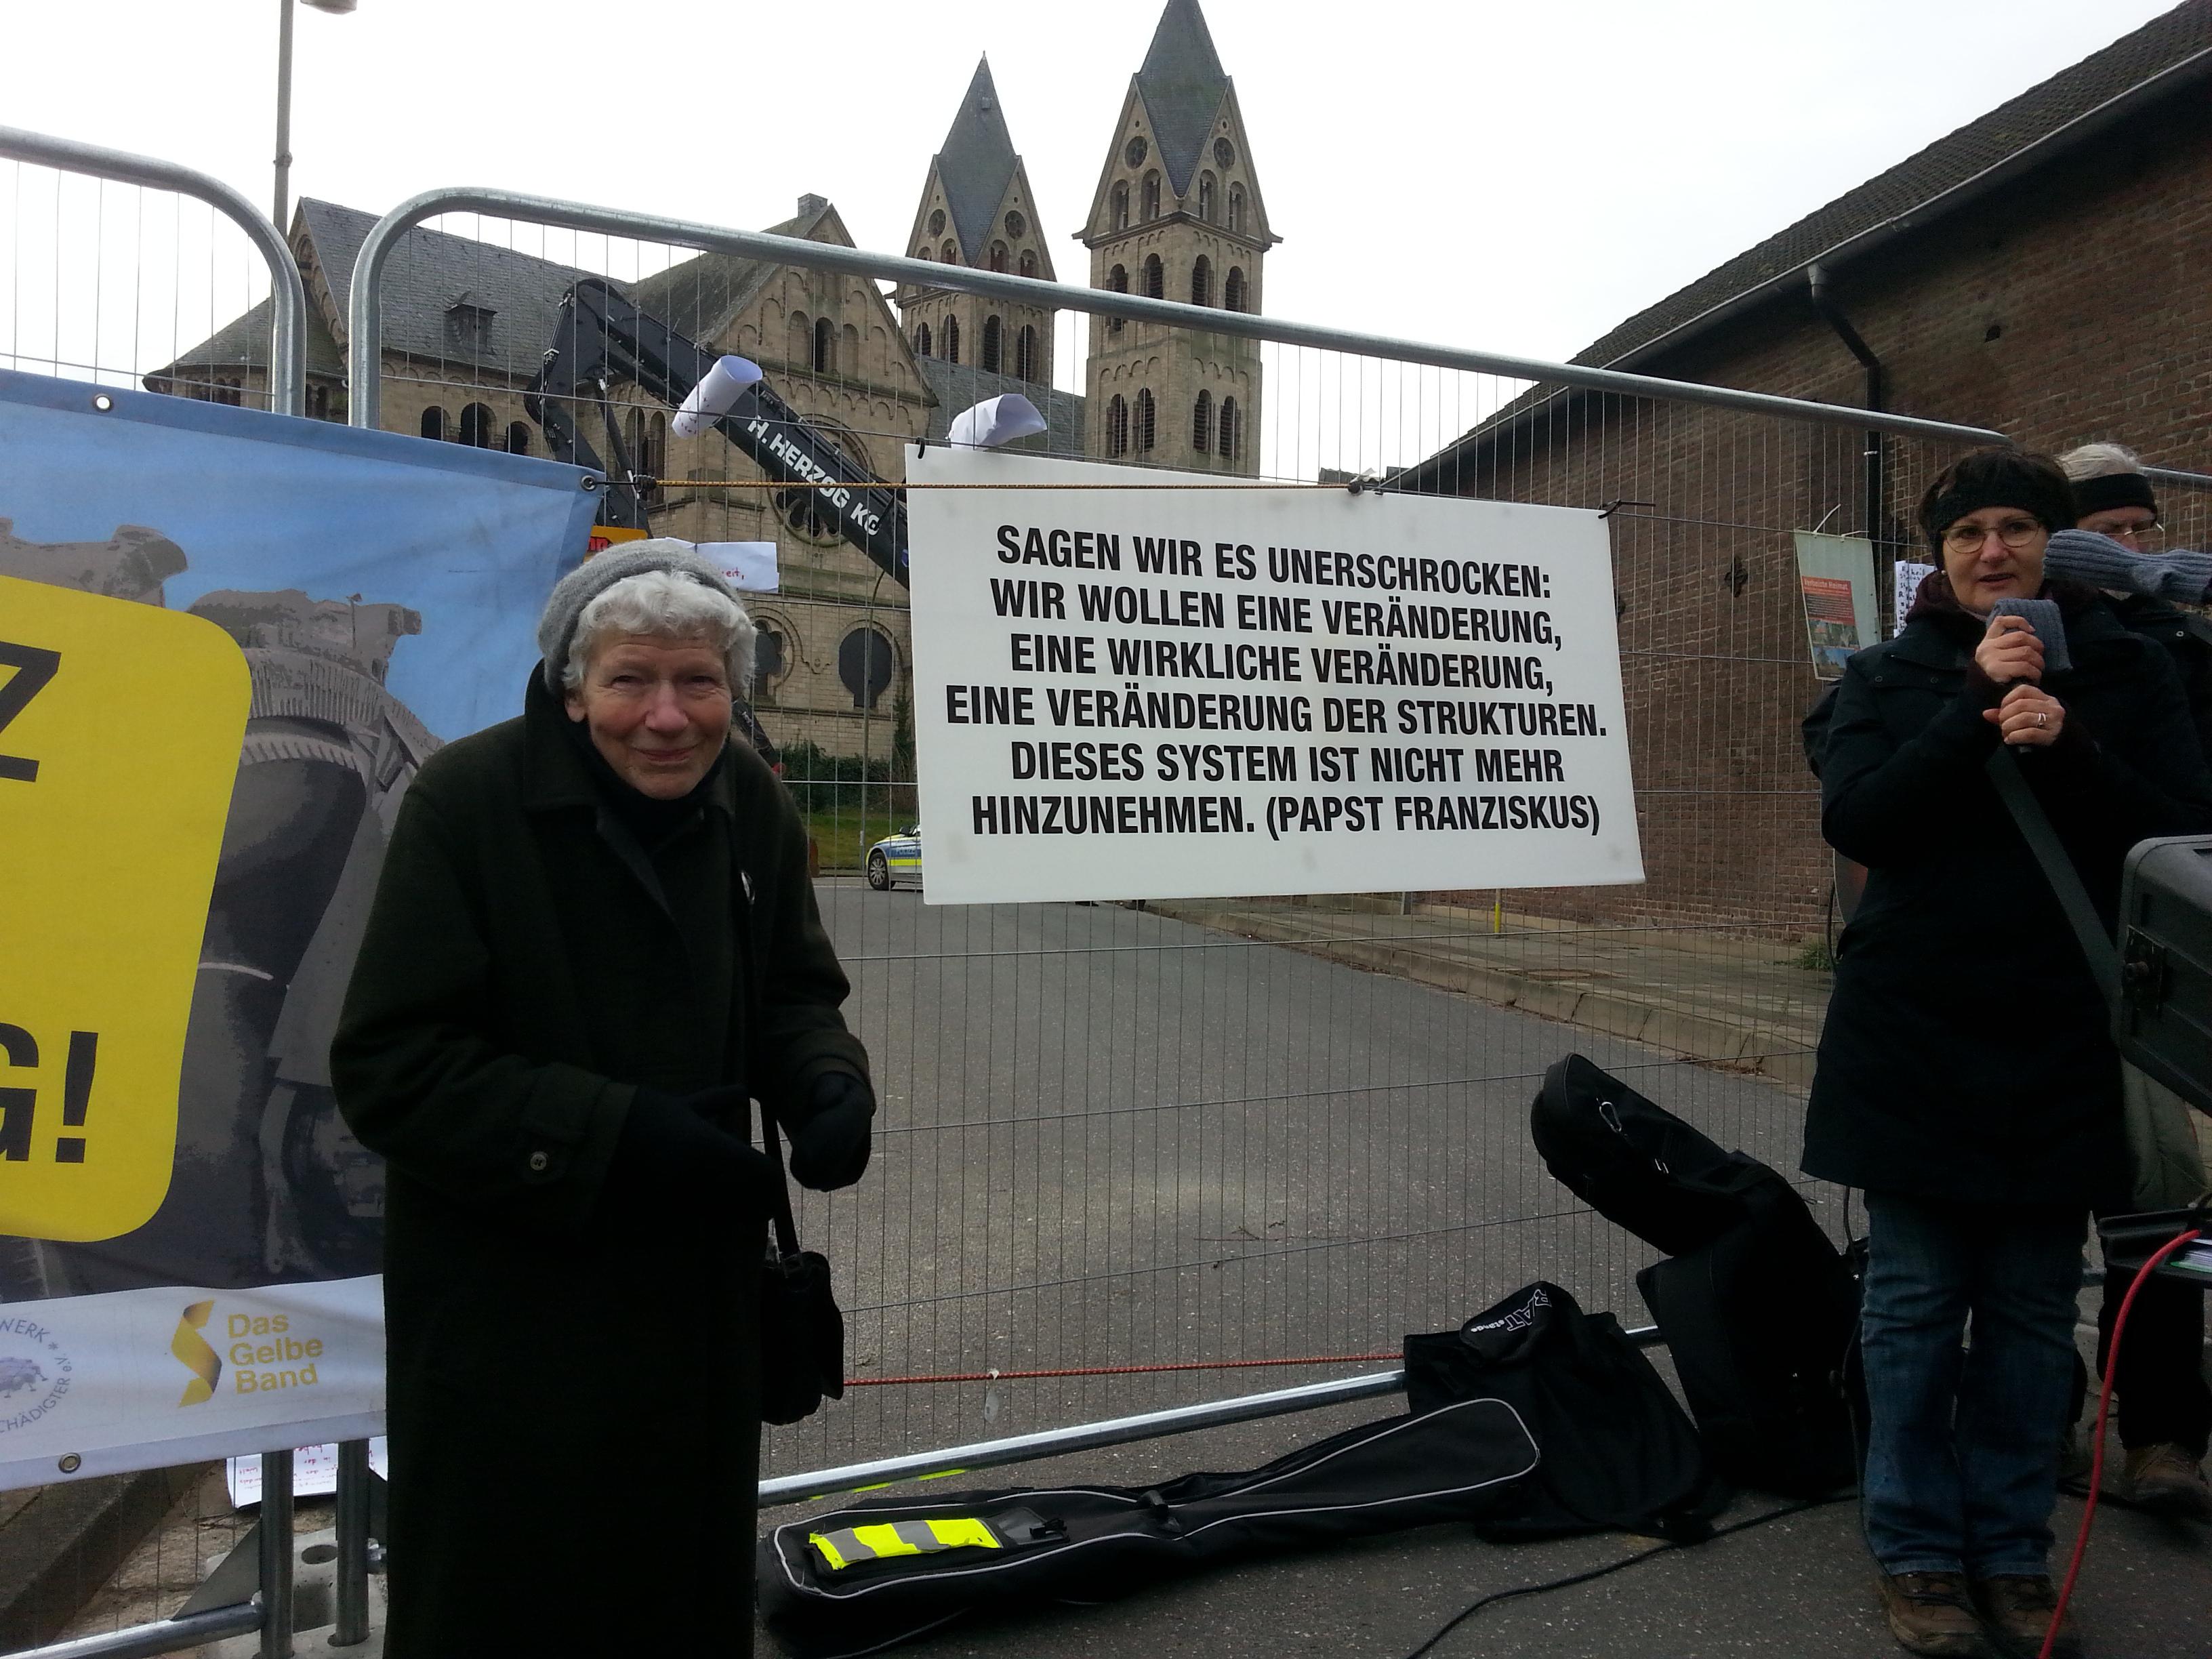 Prière politique à Immerath, 7 Jan. 2018